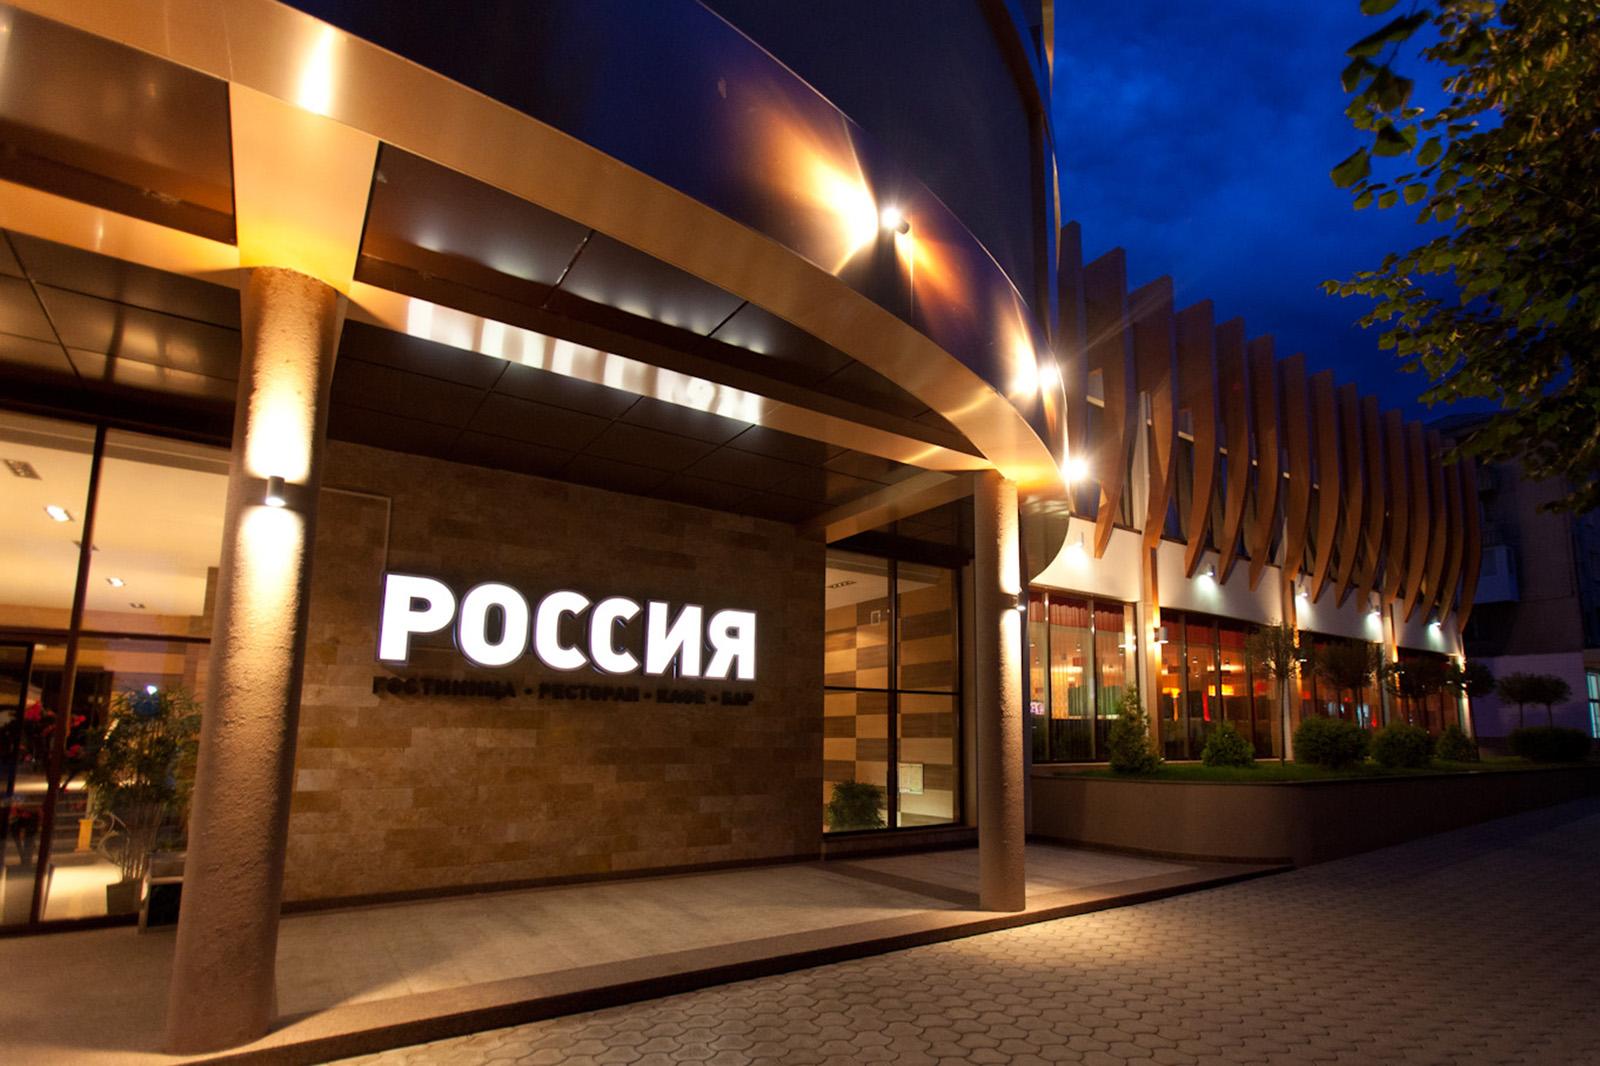 В российских отелях могут установить металлоискатели и камеры в номерах